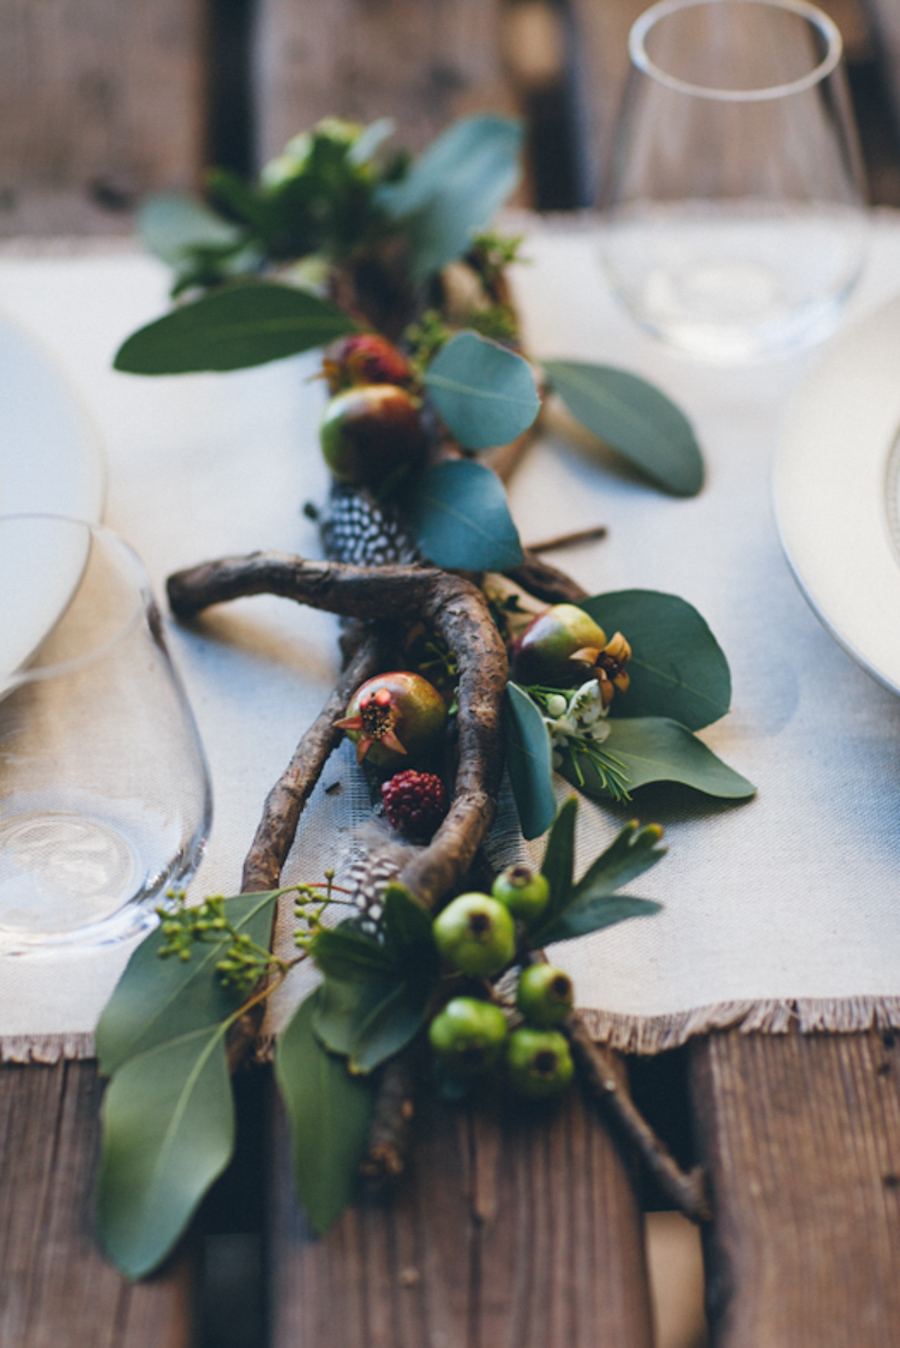 matrimonio-boho-chic-e-naturale-sweetphotofactory-wedding-wonderland-05